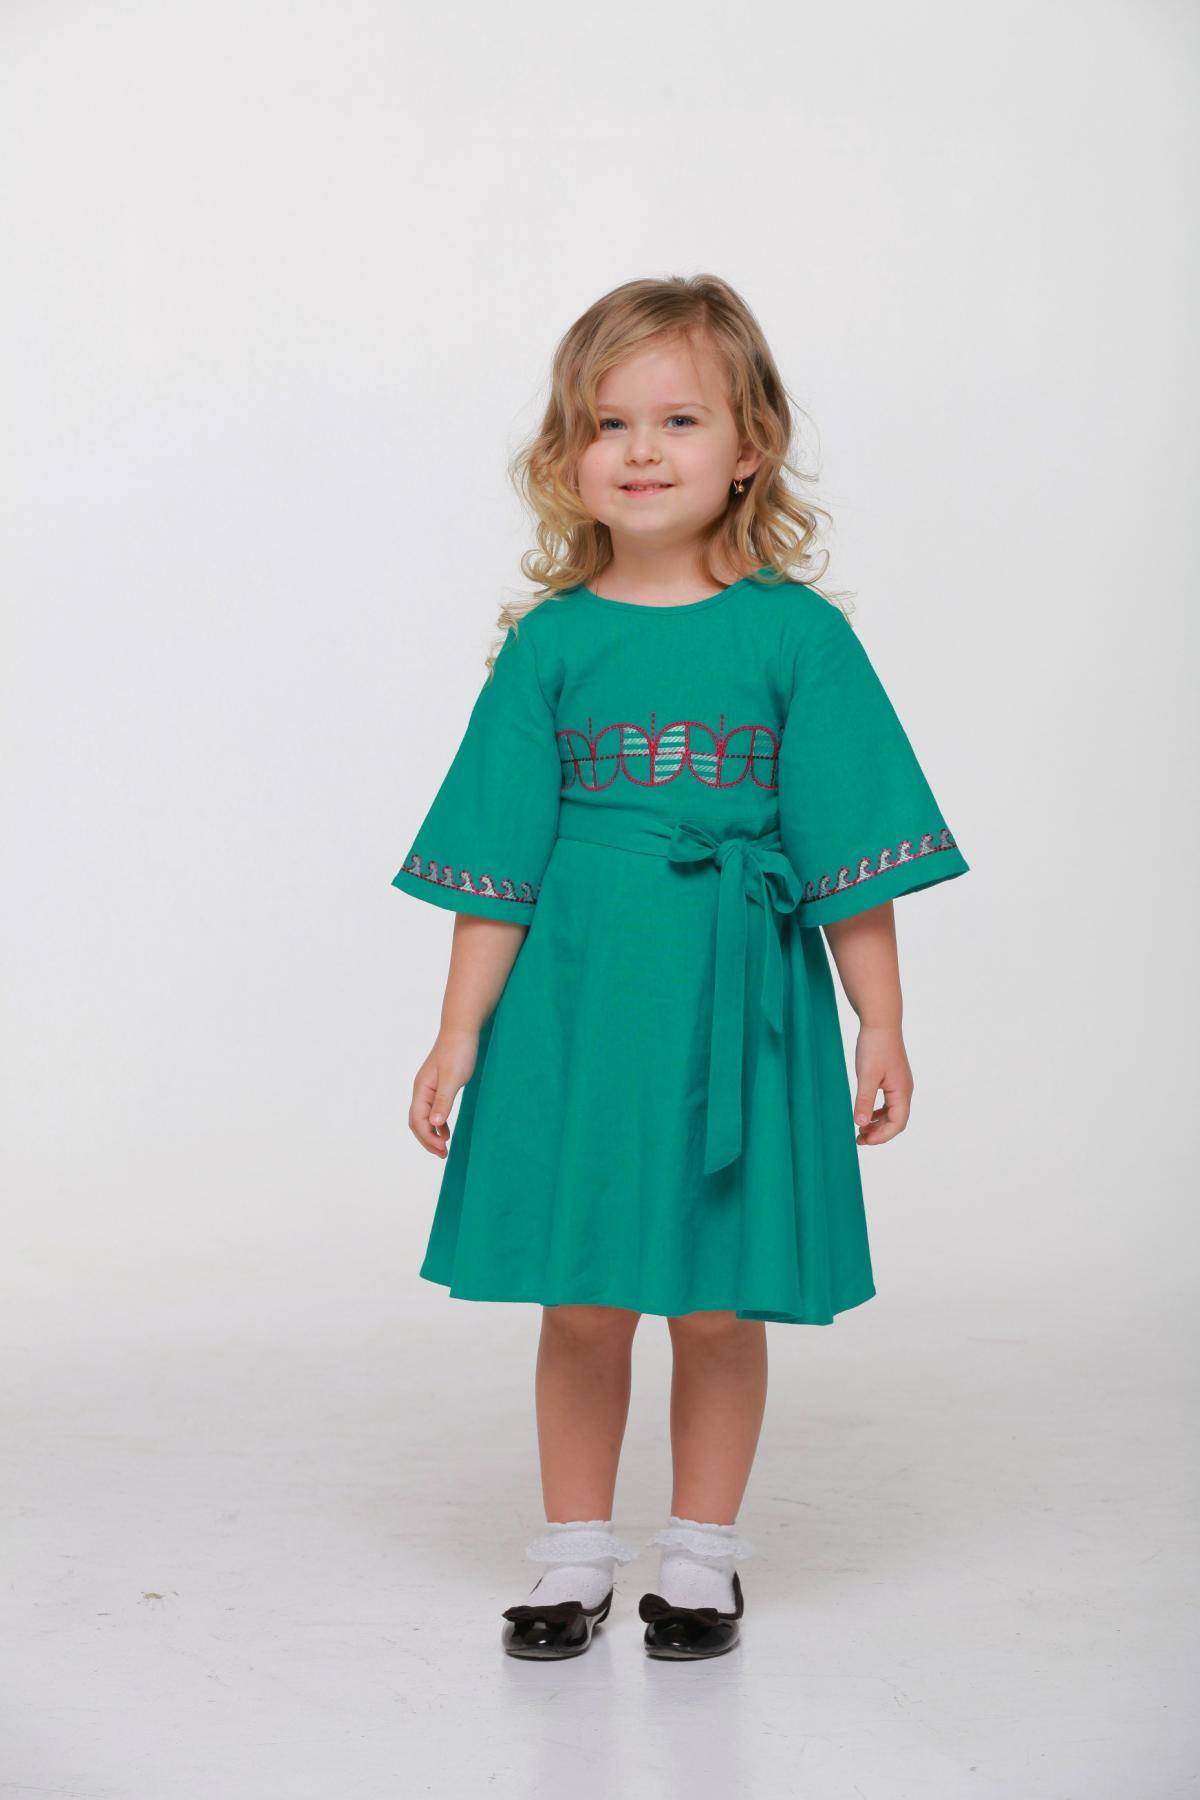 Дитяча вишита сукня зелена. Фото №2. | Народний дім Україна